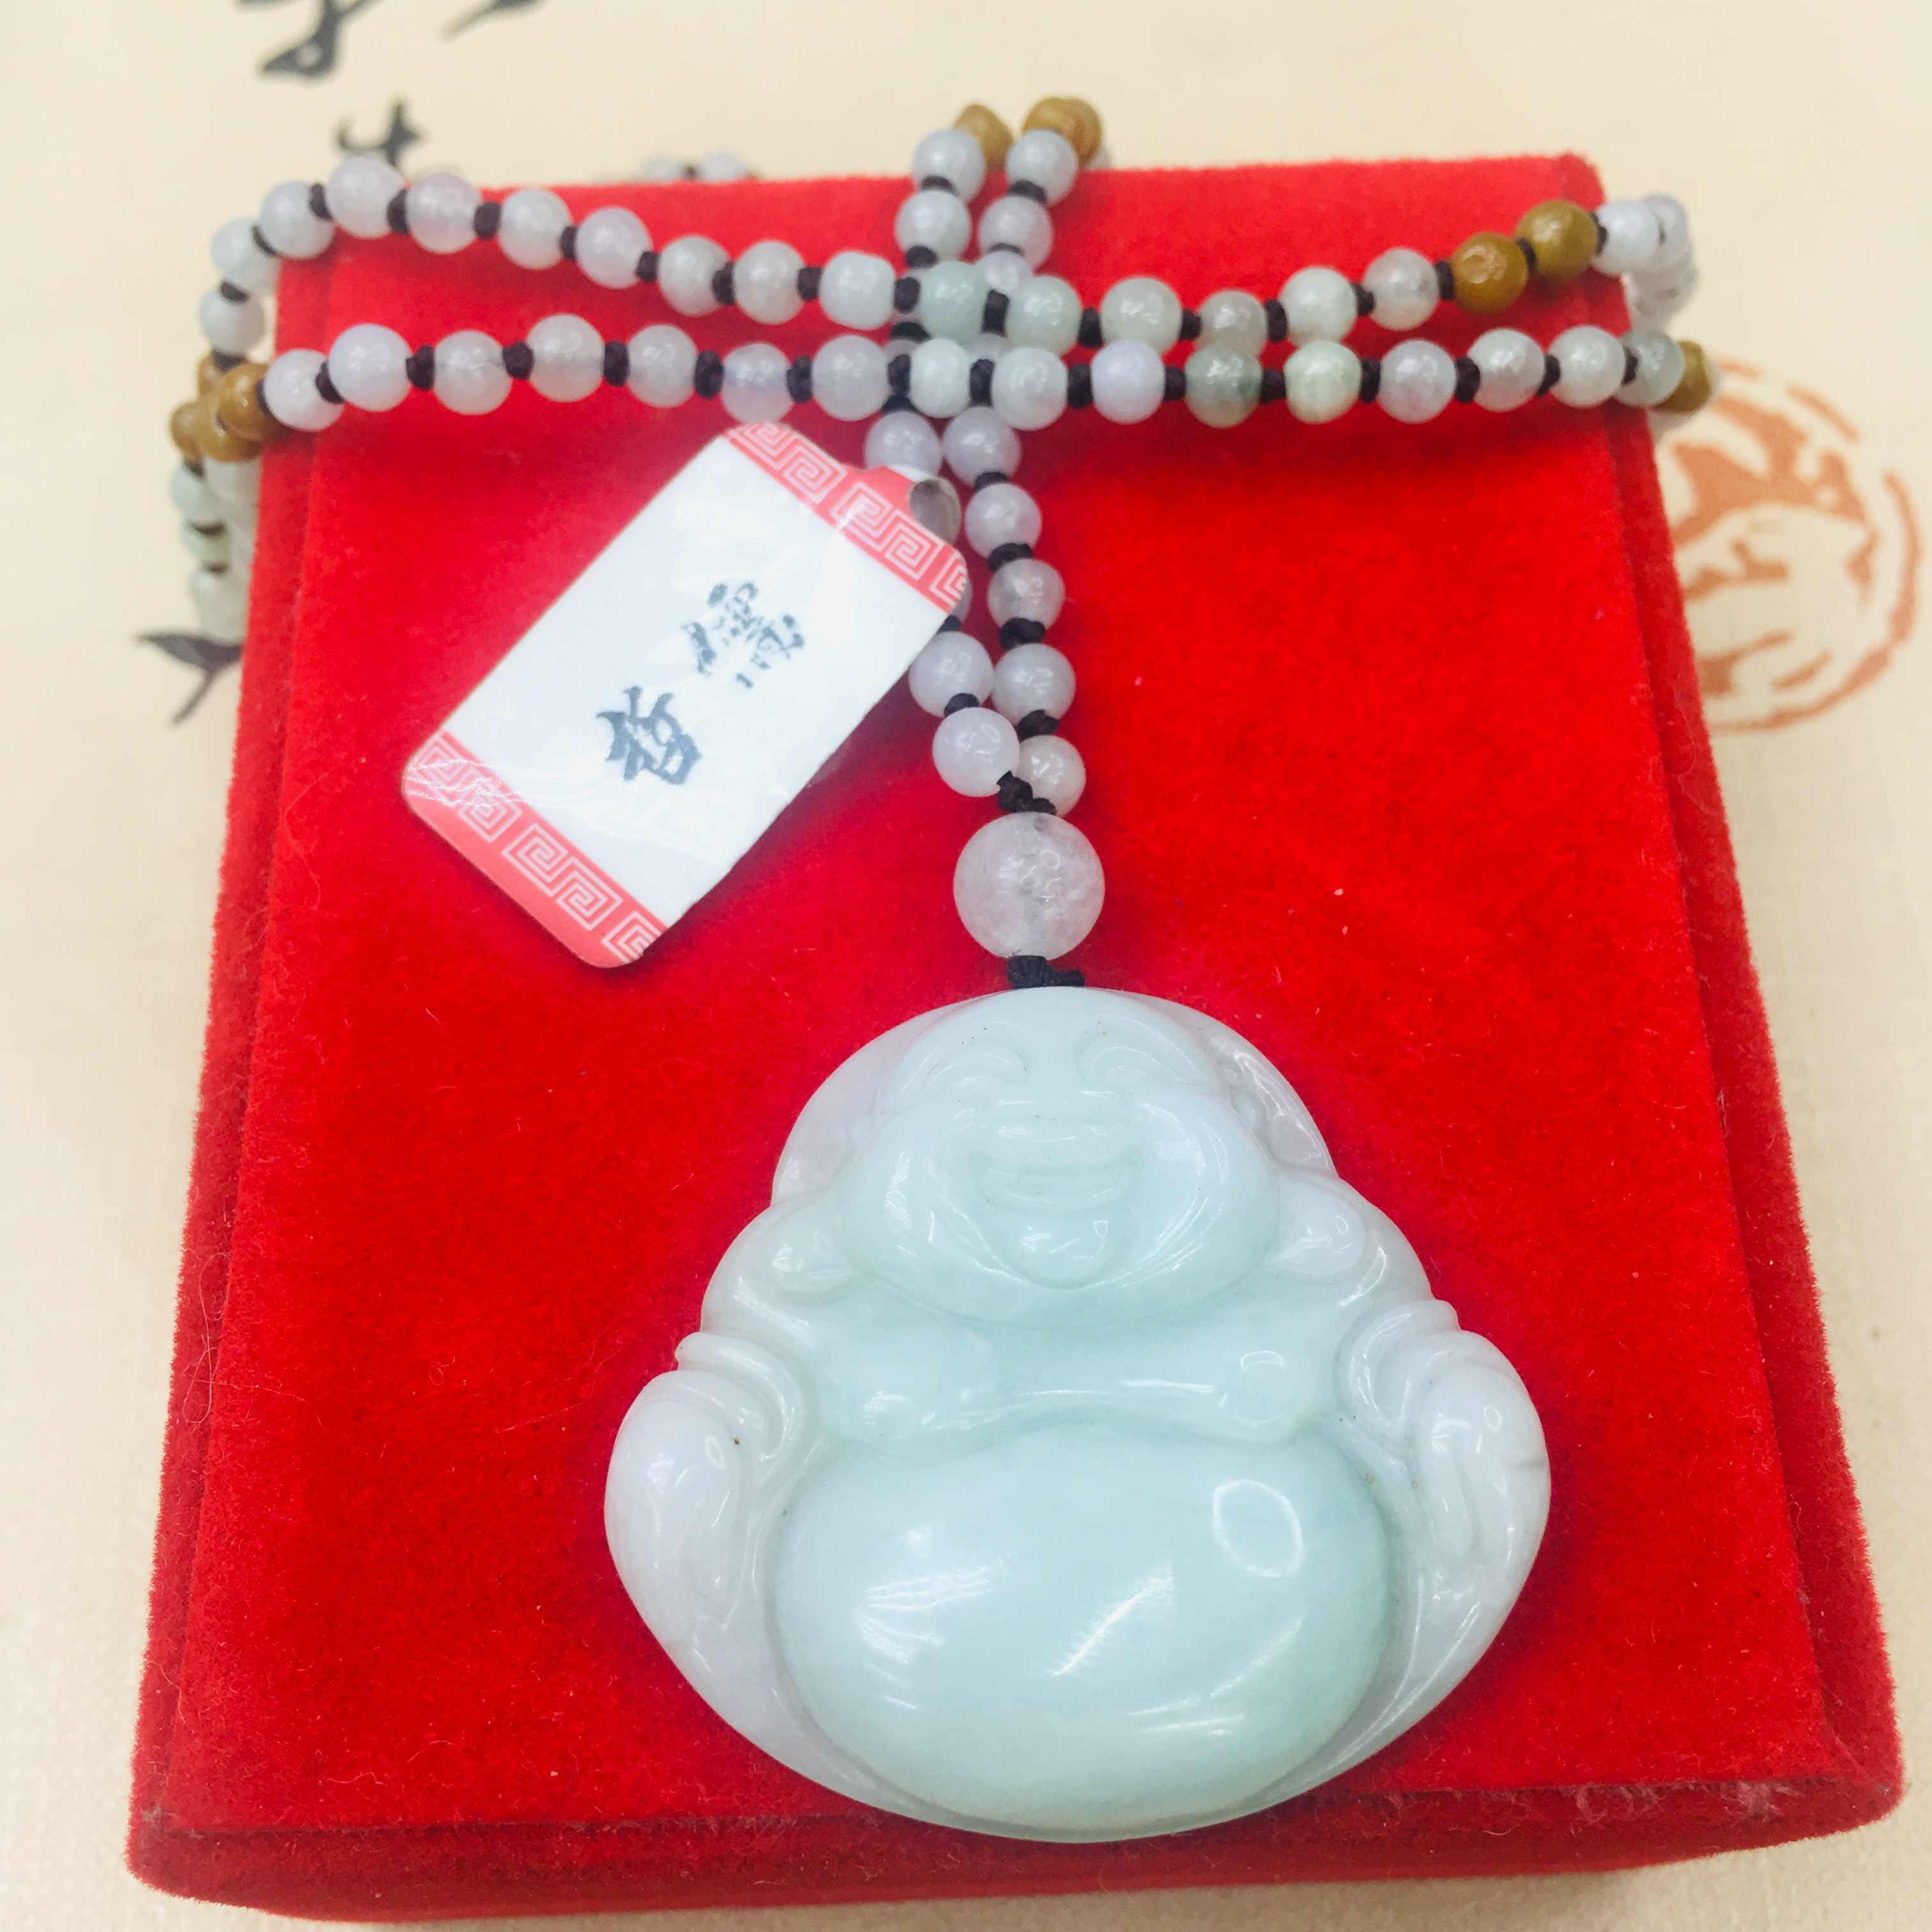 ธรรมชาติพม่าหยกมรกตแกะสลักพระพุทธรูปจี้ Handmade Handmade หยก Tri-สีลูกปัดสร้อยคอผู้หญิงโซ่เสื้อกันหนาว